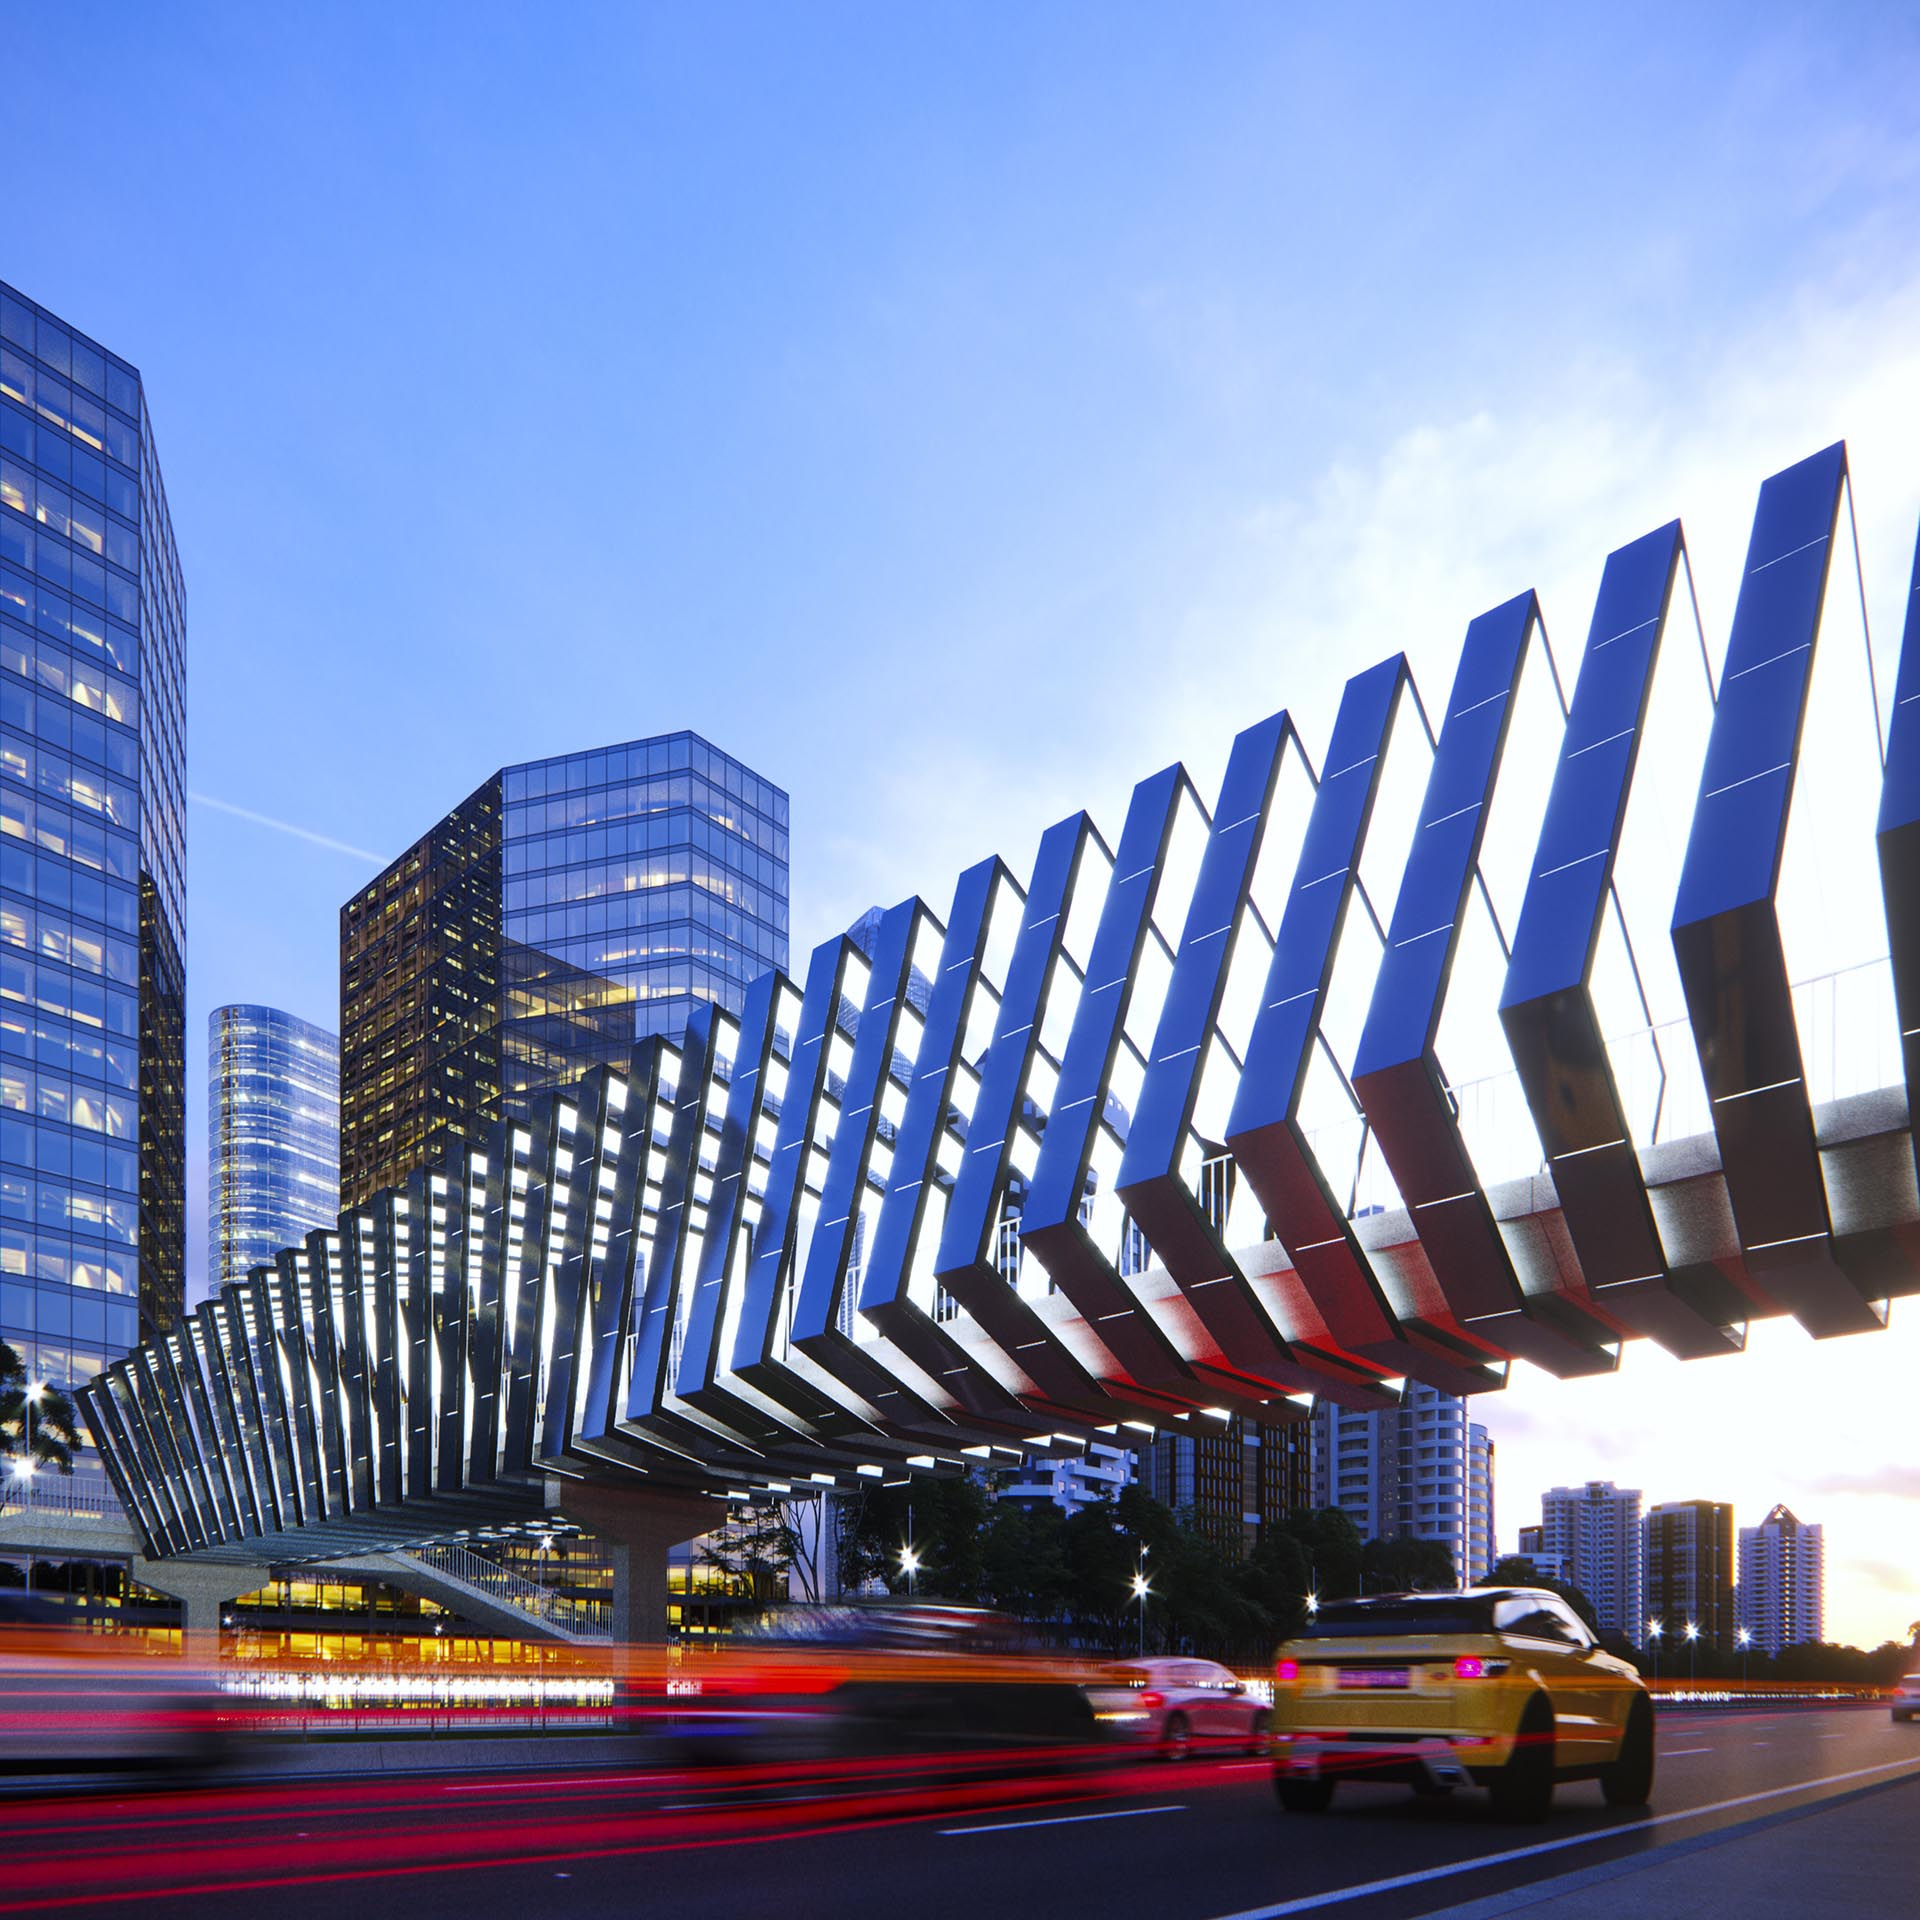 A modern pedestrian bridge.